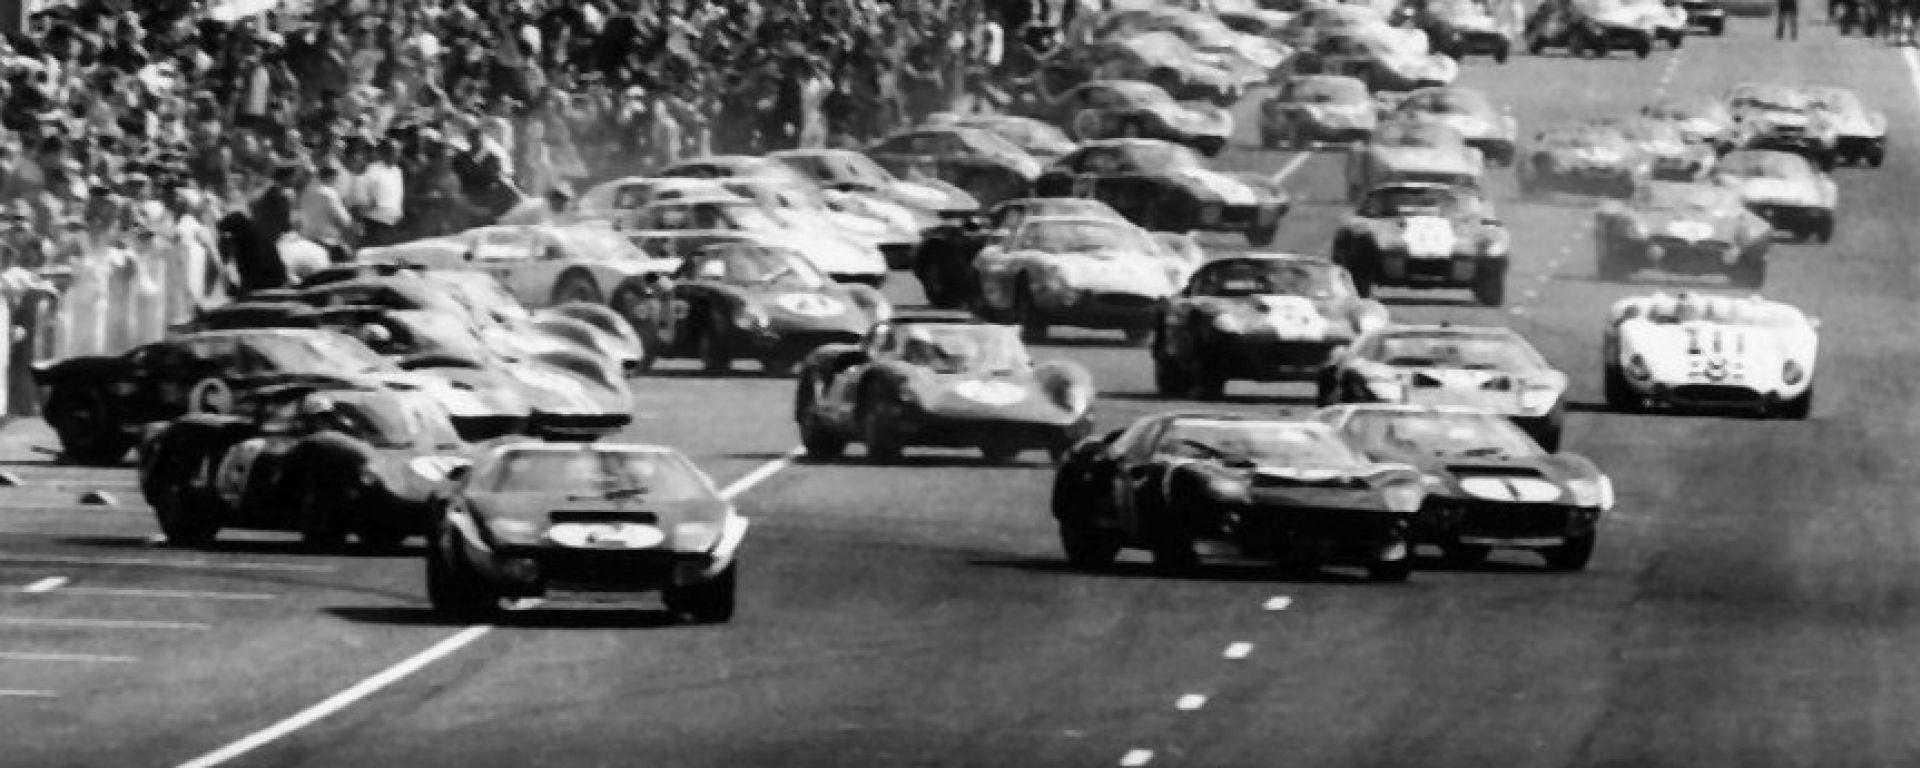 Le Mans, l'epopea tra Ferrari e Ford raccontata in un libro